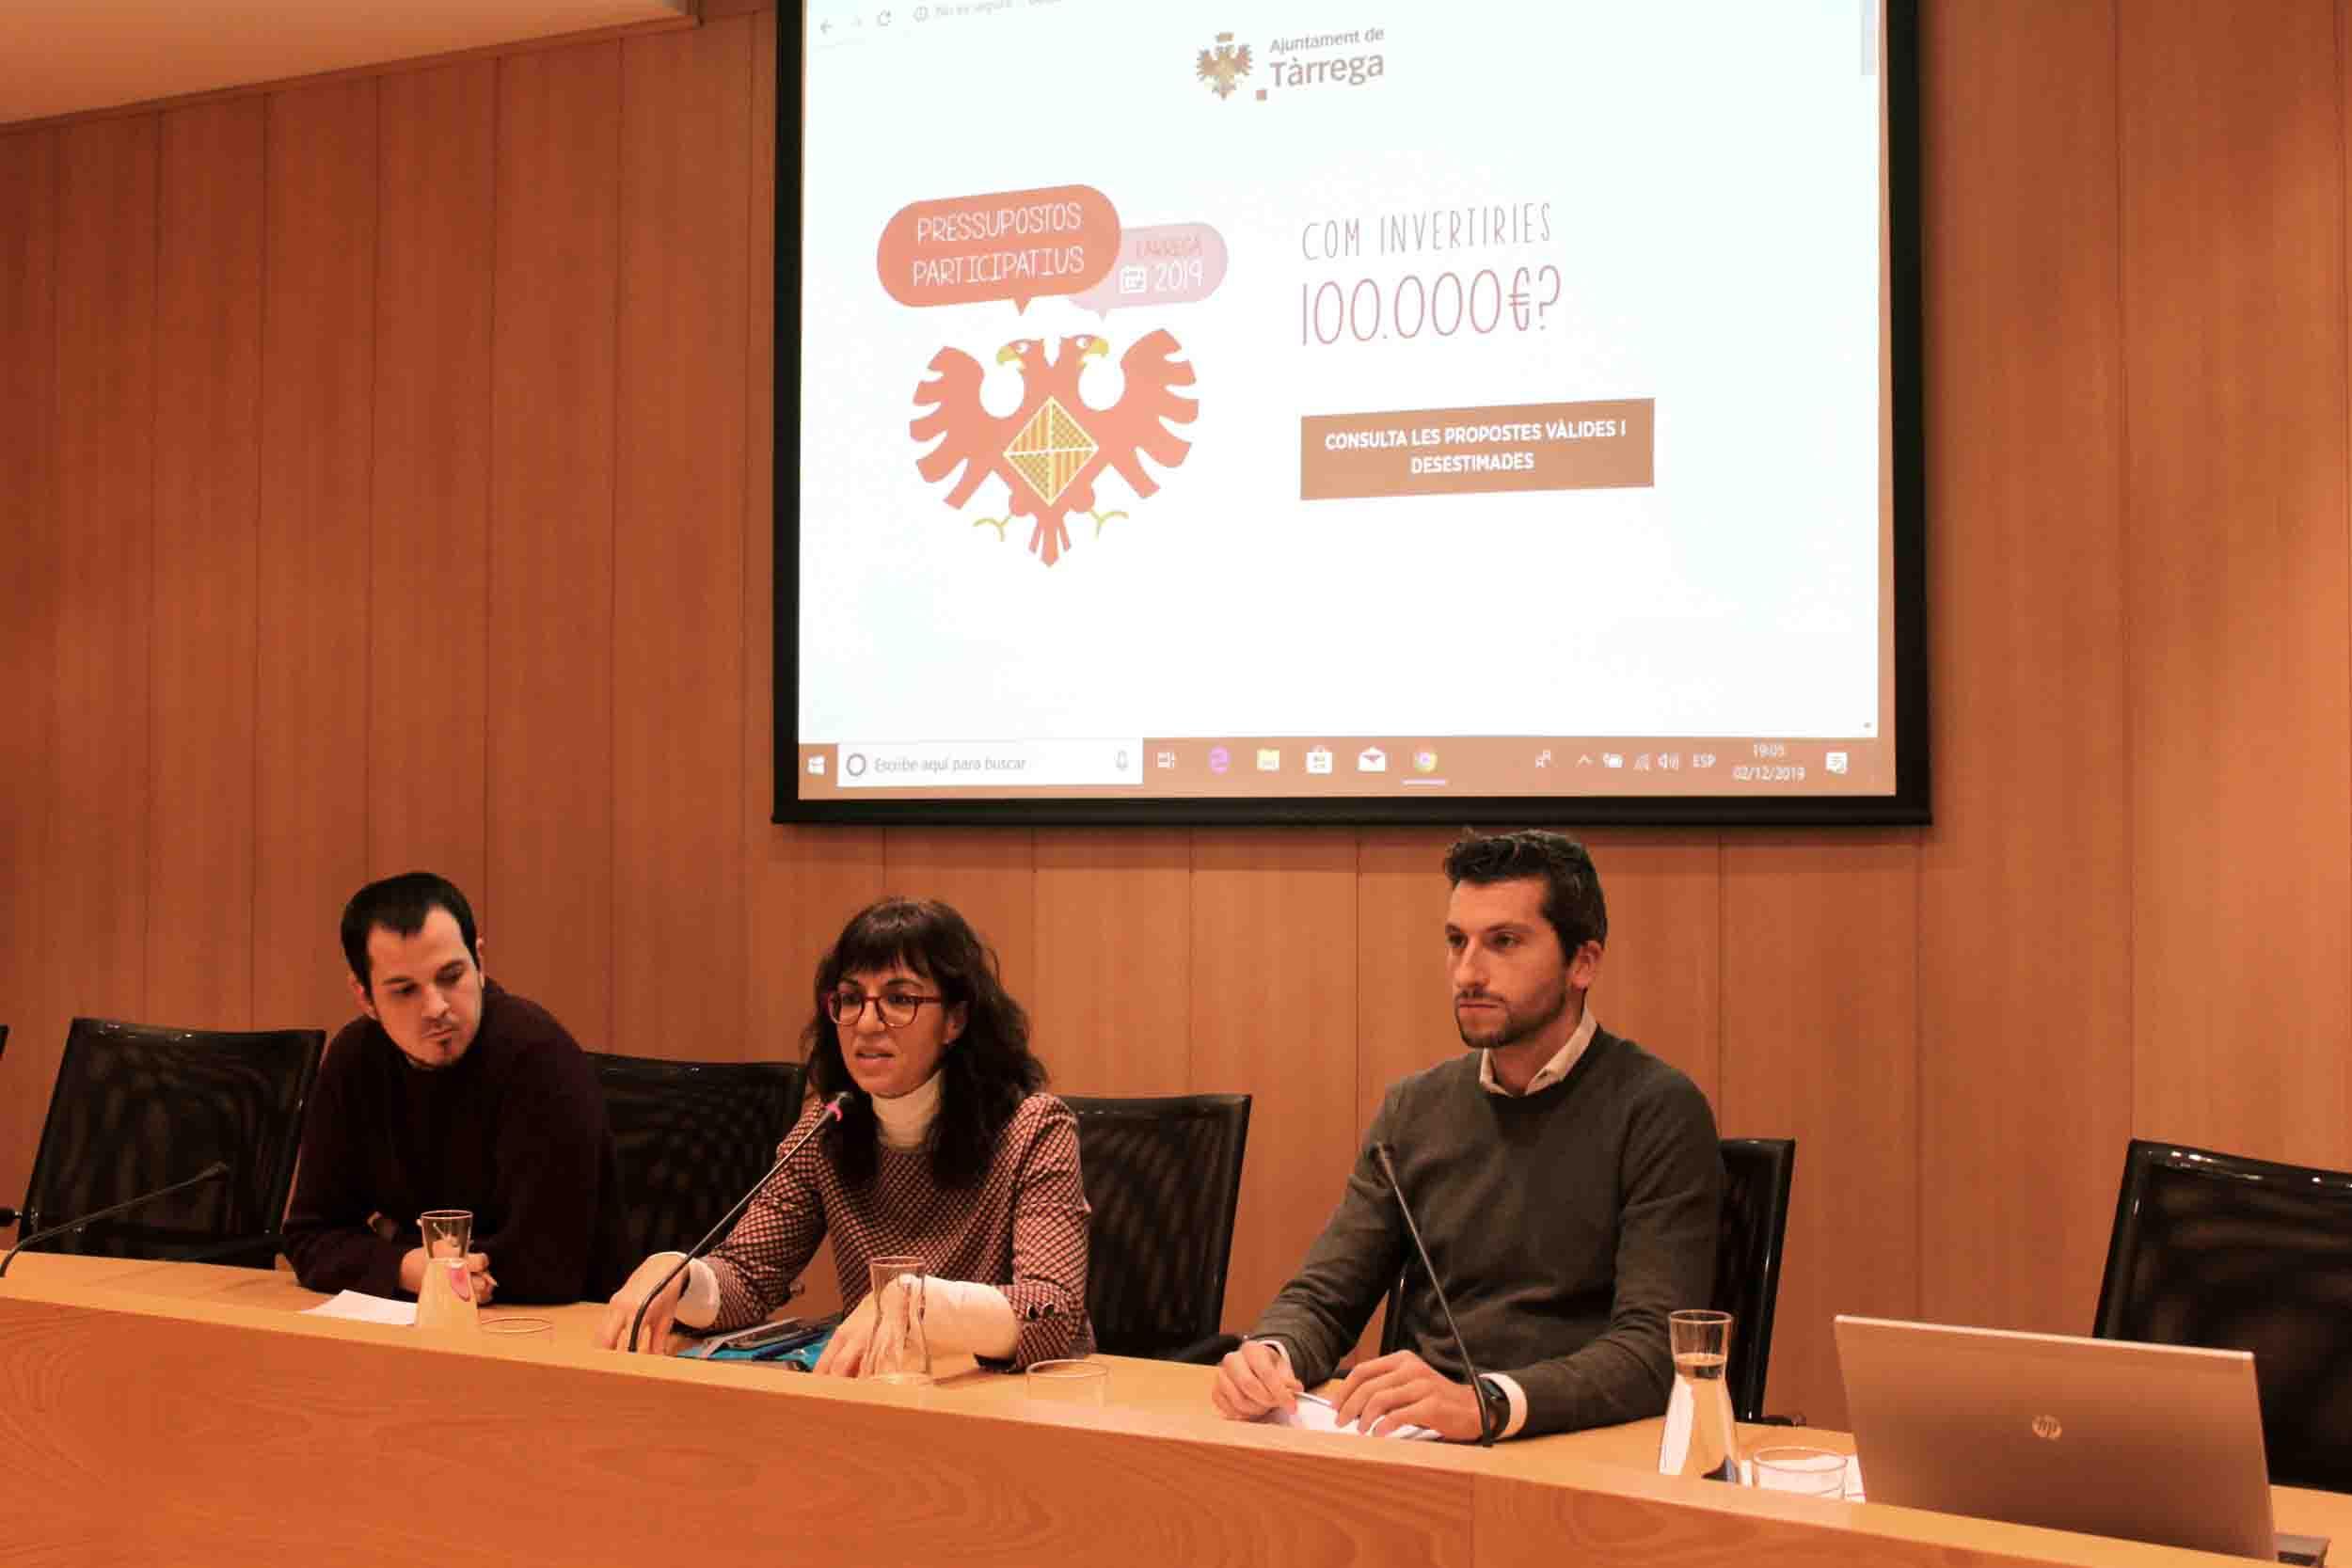 Fòrum ciutadà per debatre 76 propostes formulades en el marc dels pressupostos participatius de Tàrrega